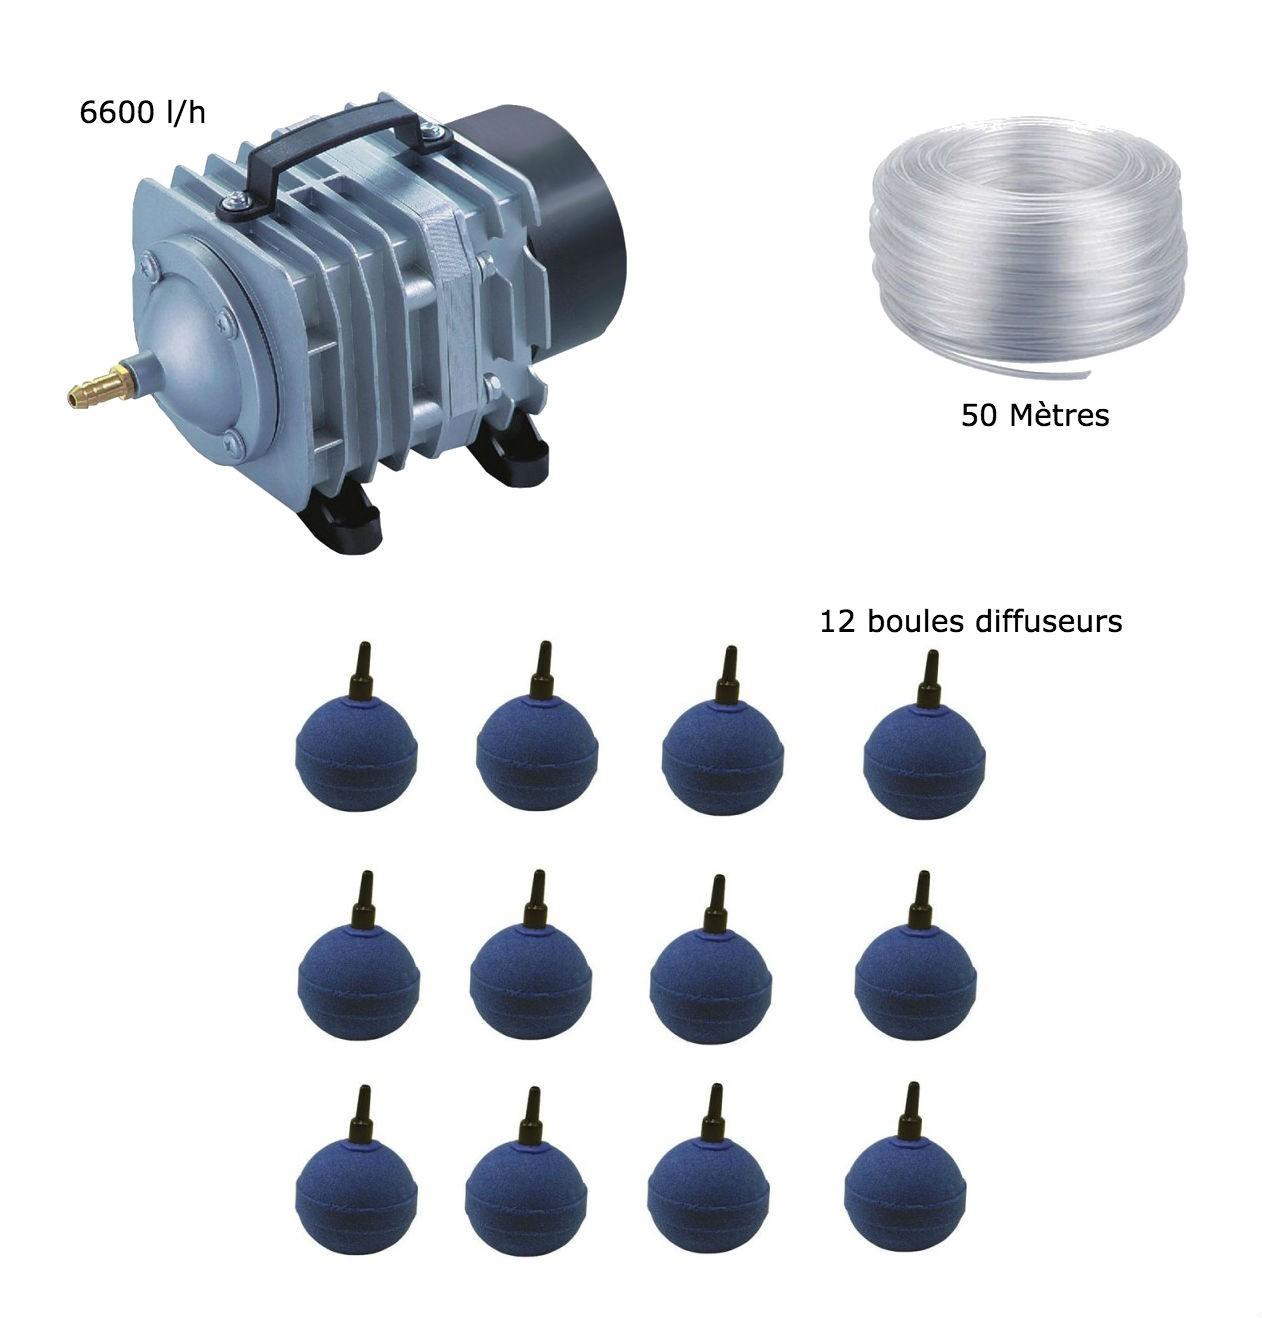 Set aération bassin de jardin 6600 l/h 12 boules de 12000 à 15000 litres